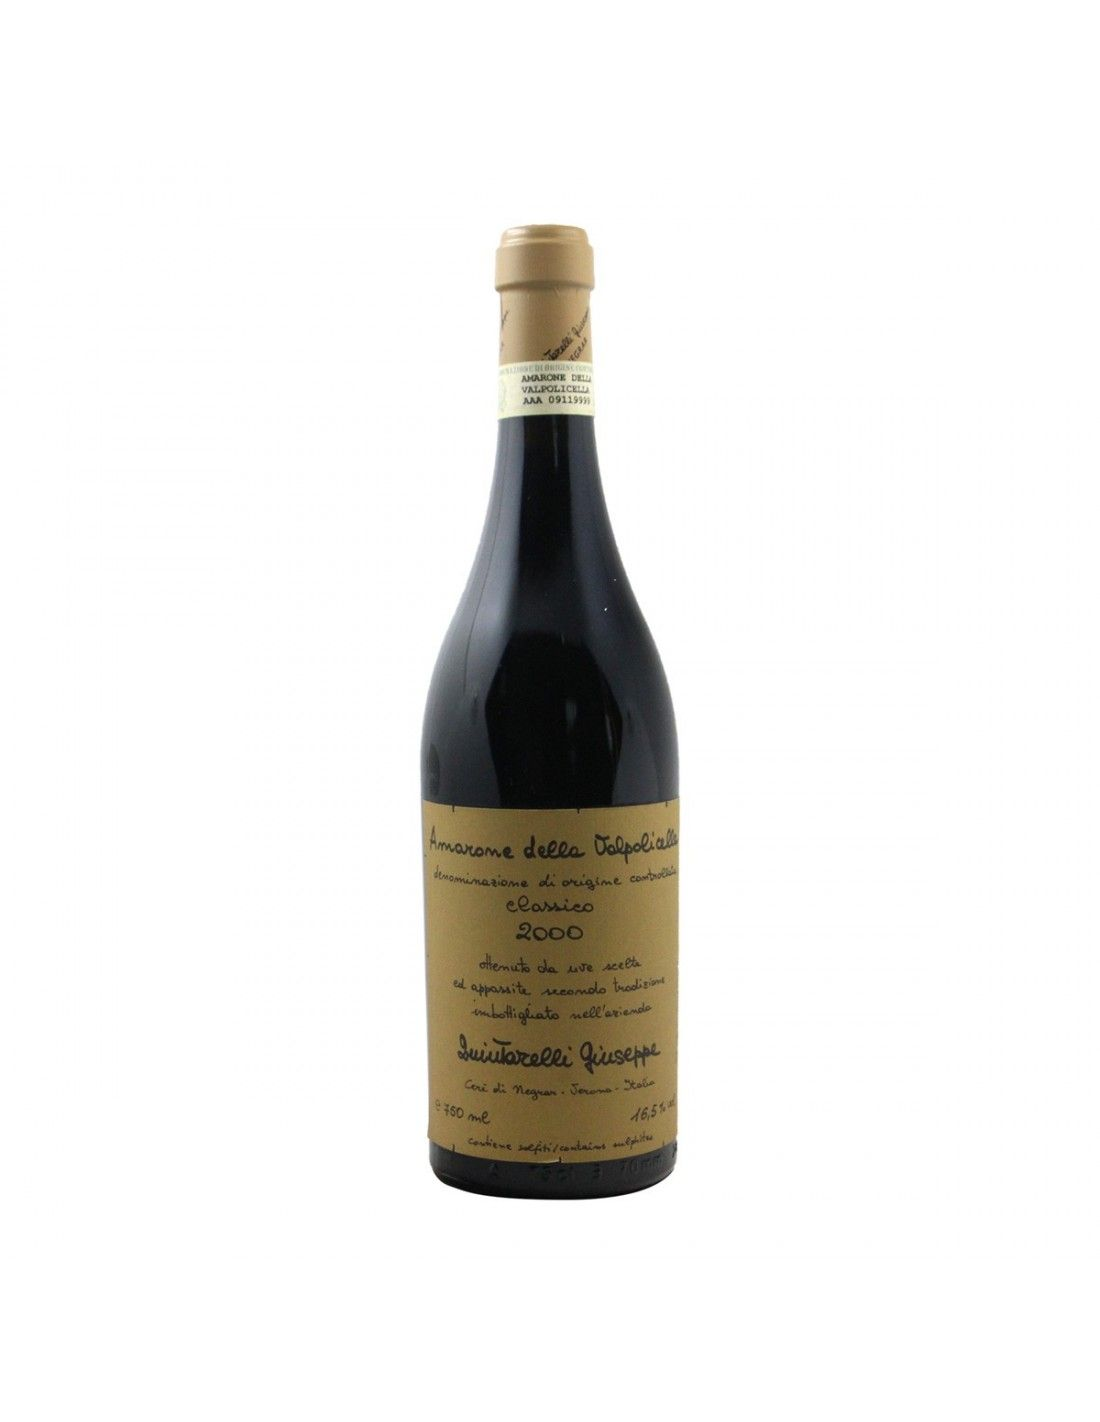 Amarone Della Valpolicella 2000 QUINTARELLI GIUSEPPE GRANDI